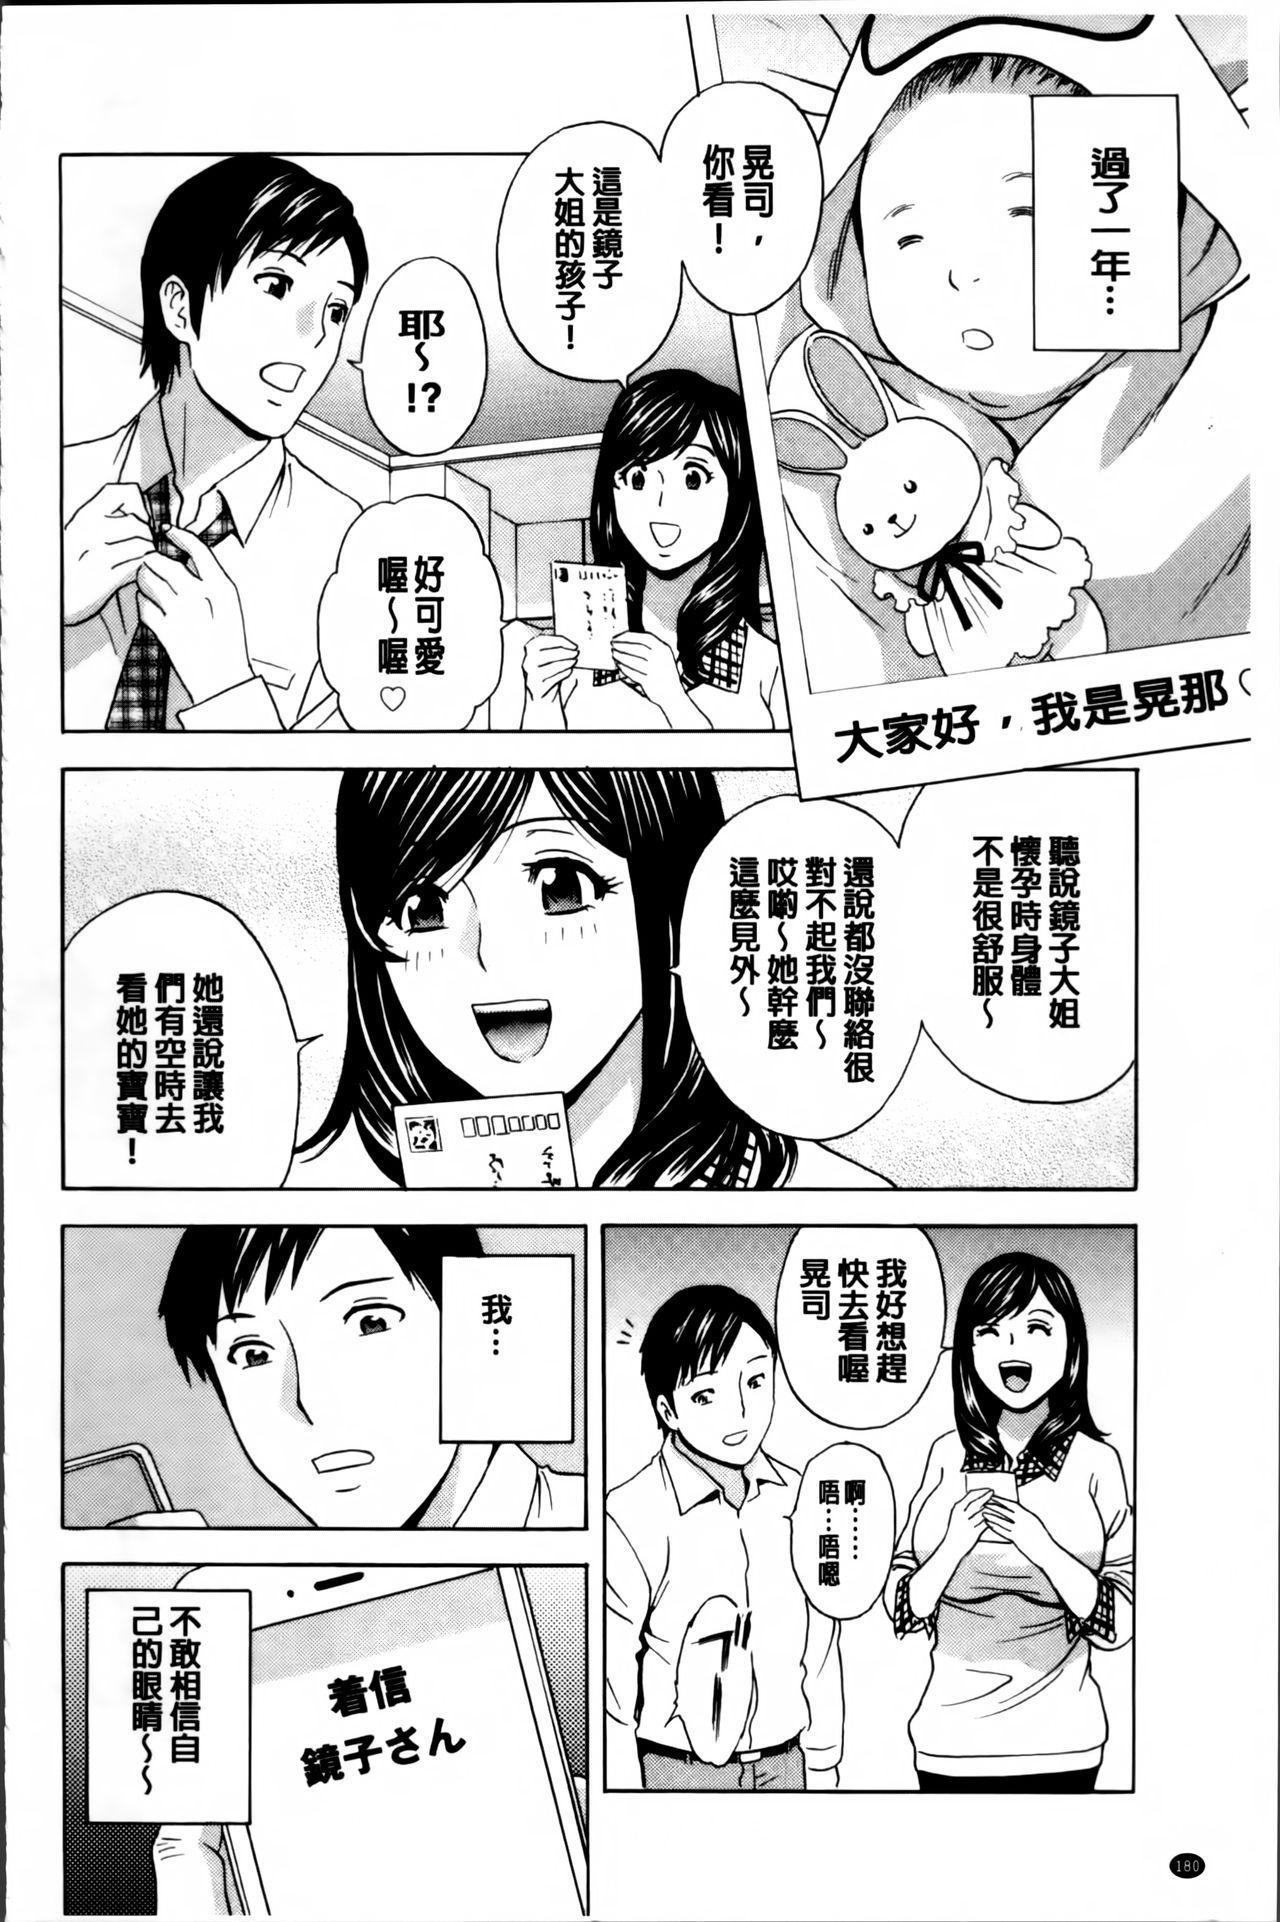 Midara Shimai Asobi 188